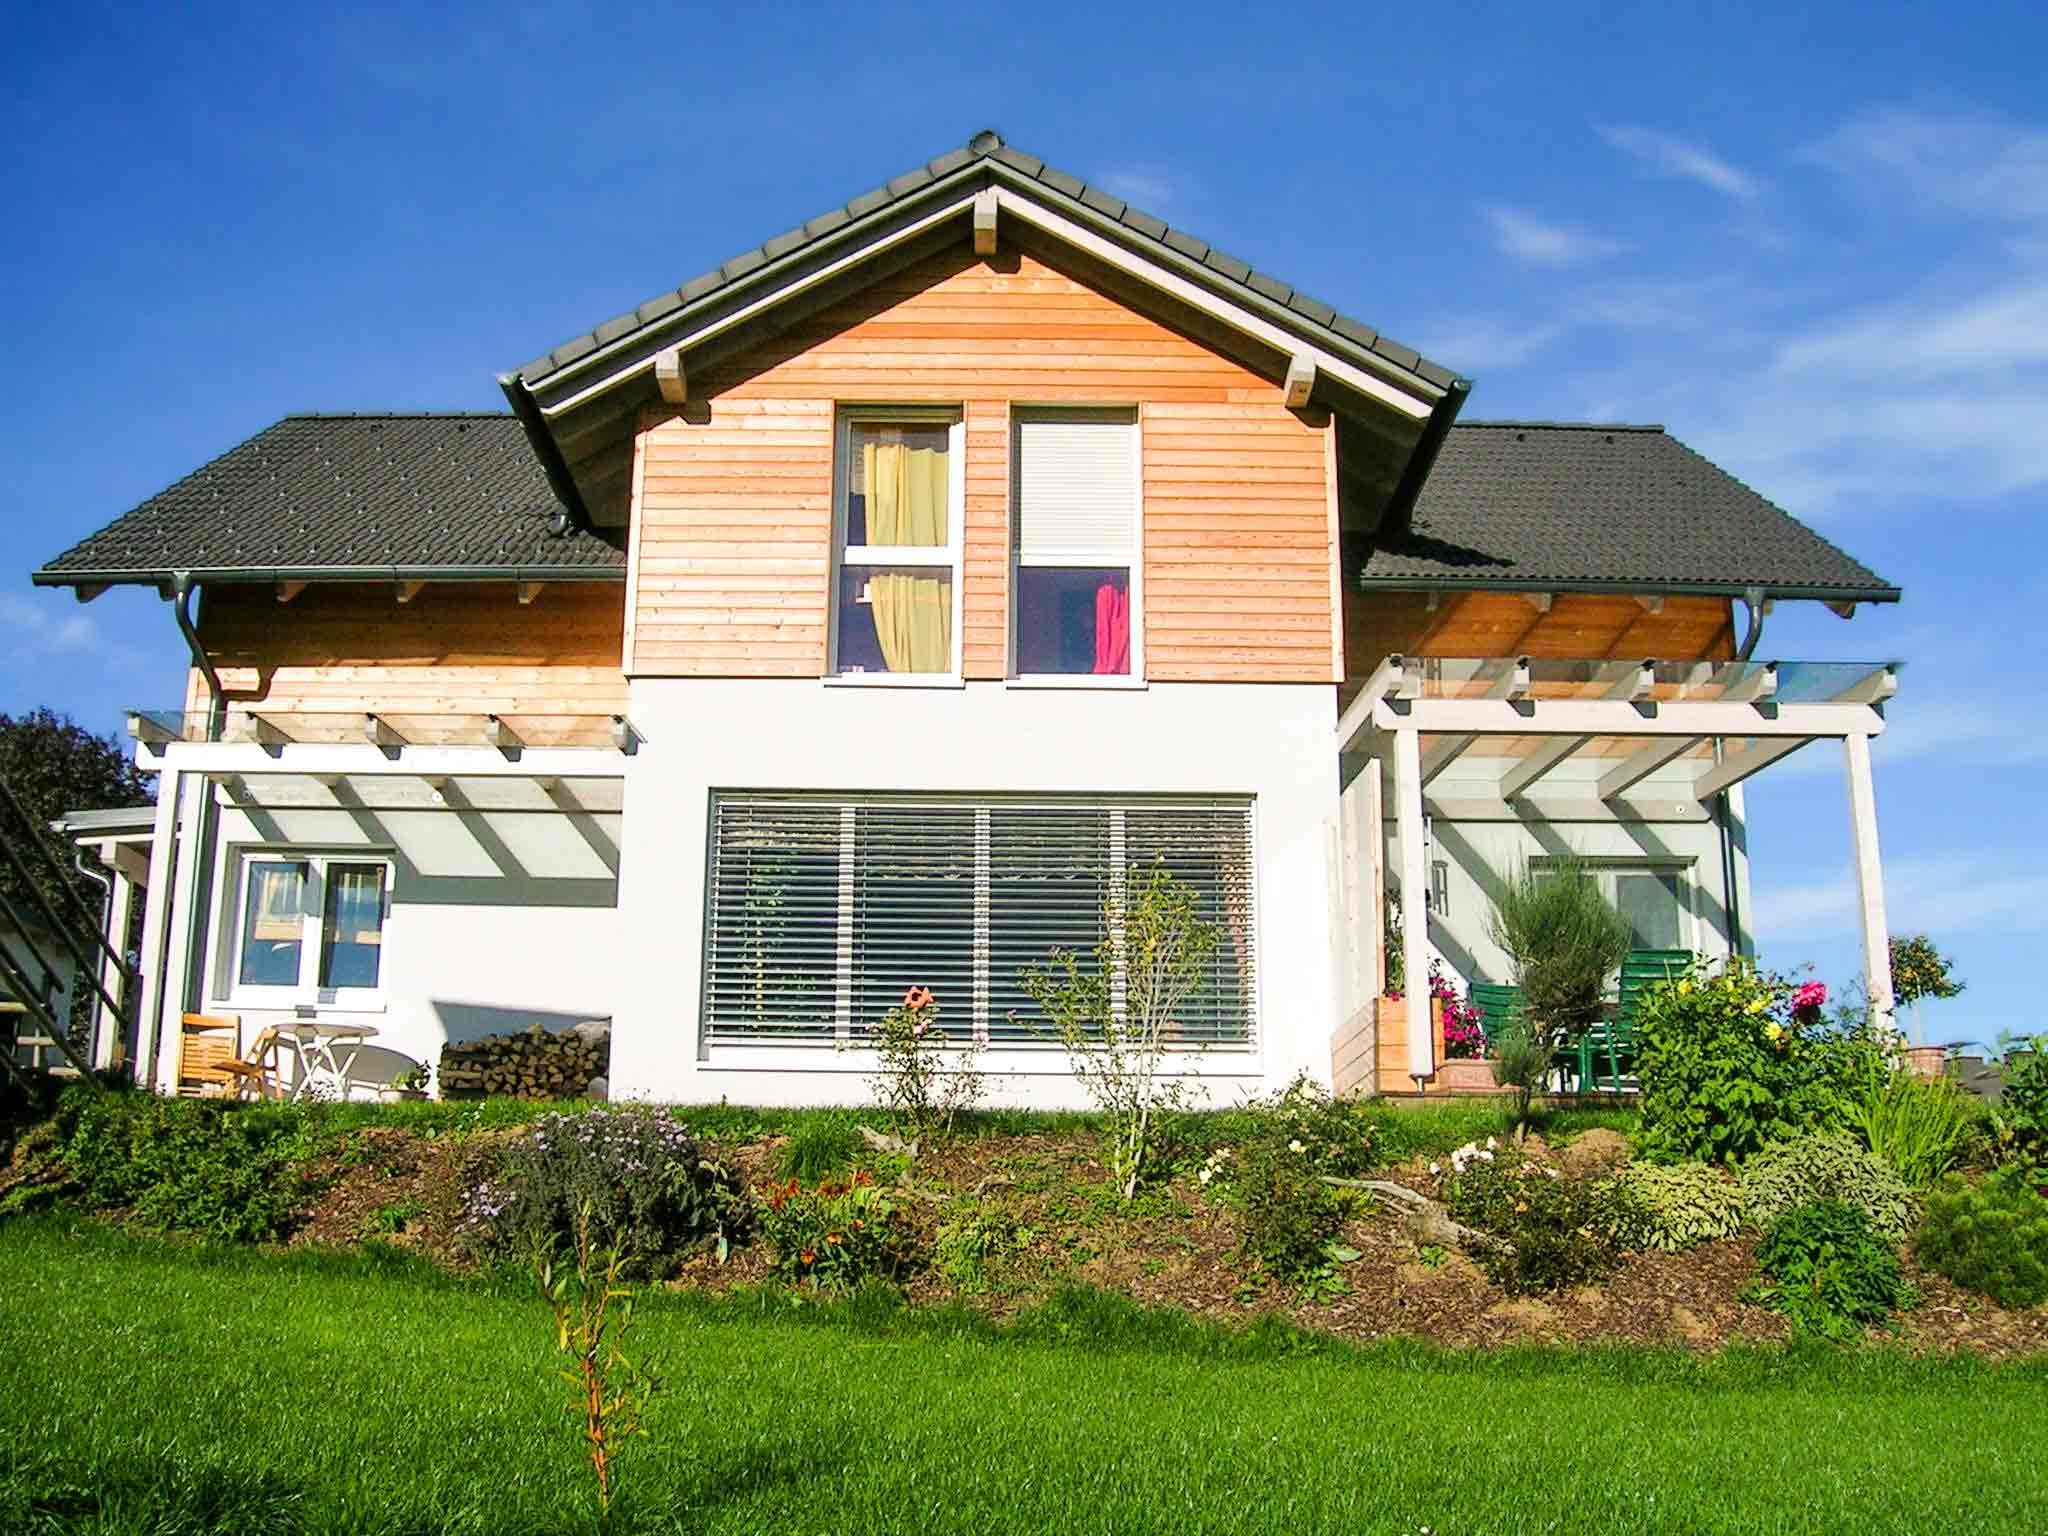 Haus 172-S - Meinhaus Bau GmbH